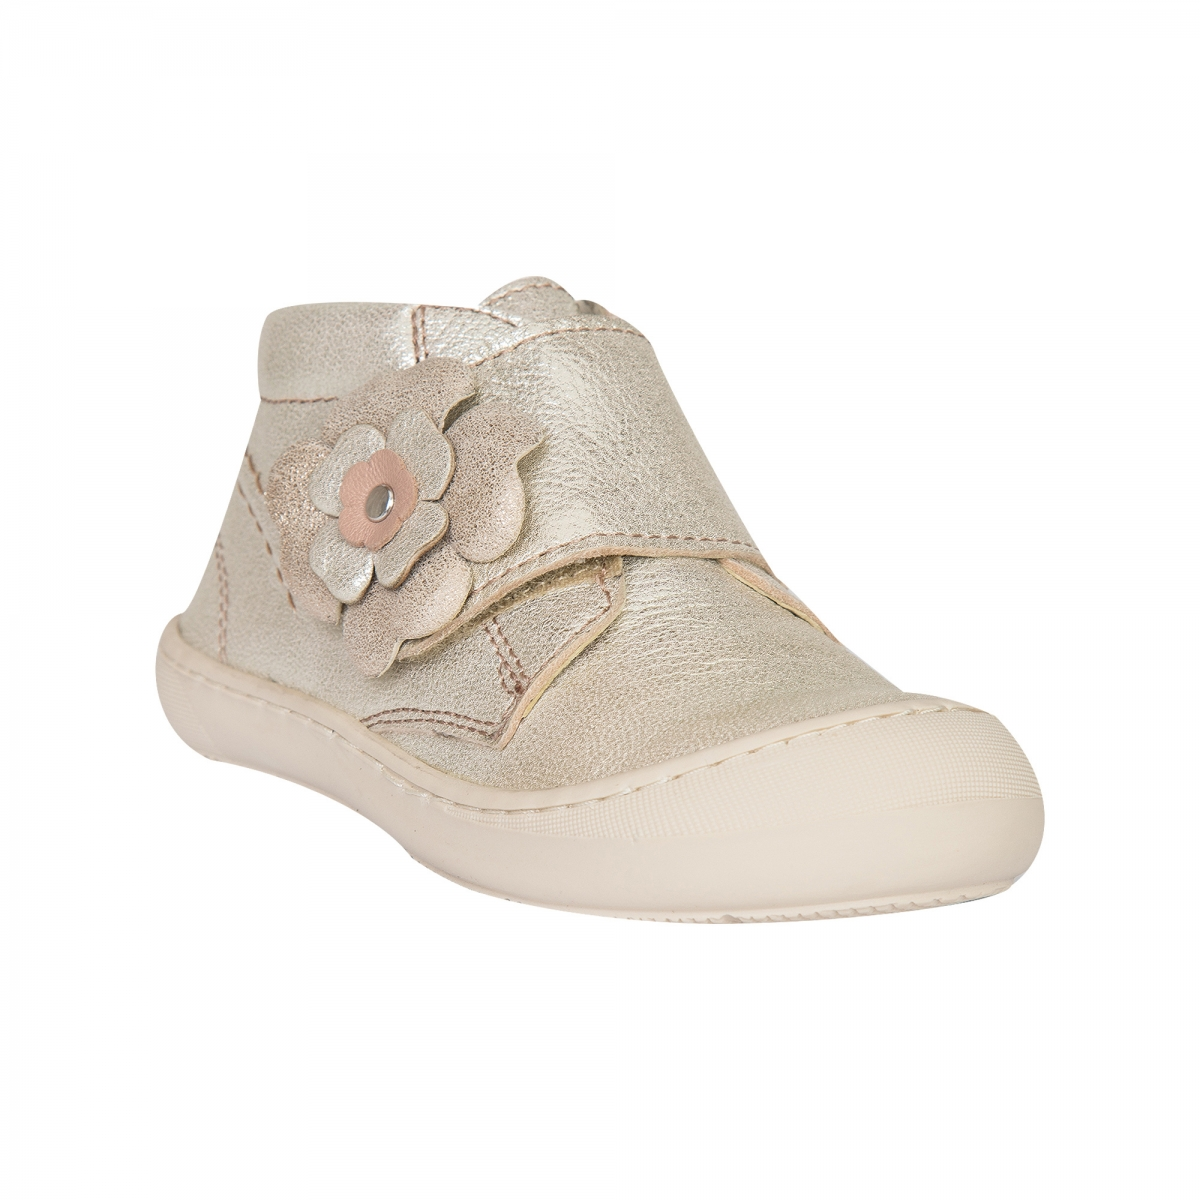 Ghetute fete flexibile din piele pj shoes Edy auriu 18-25